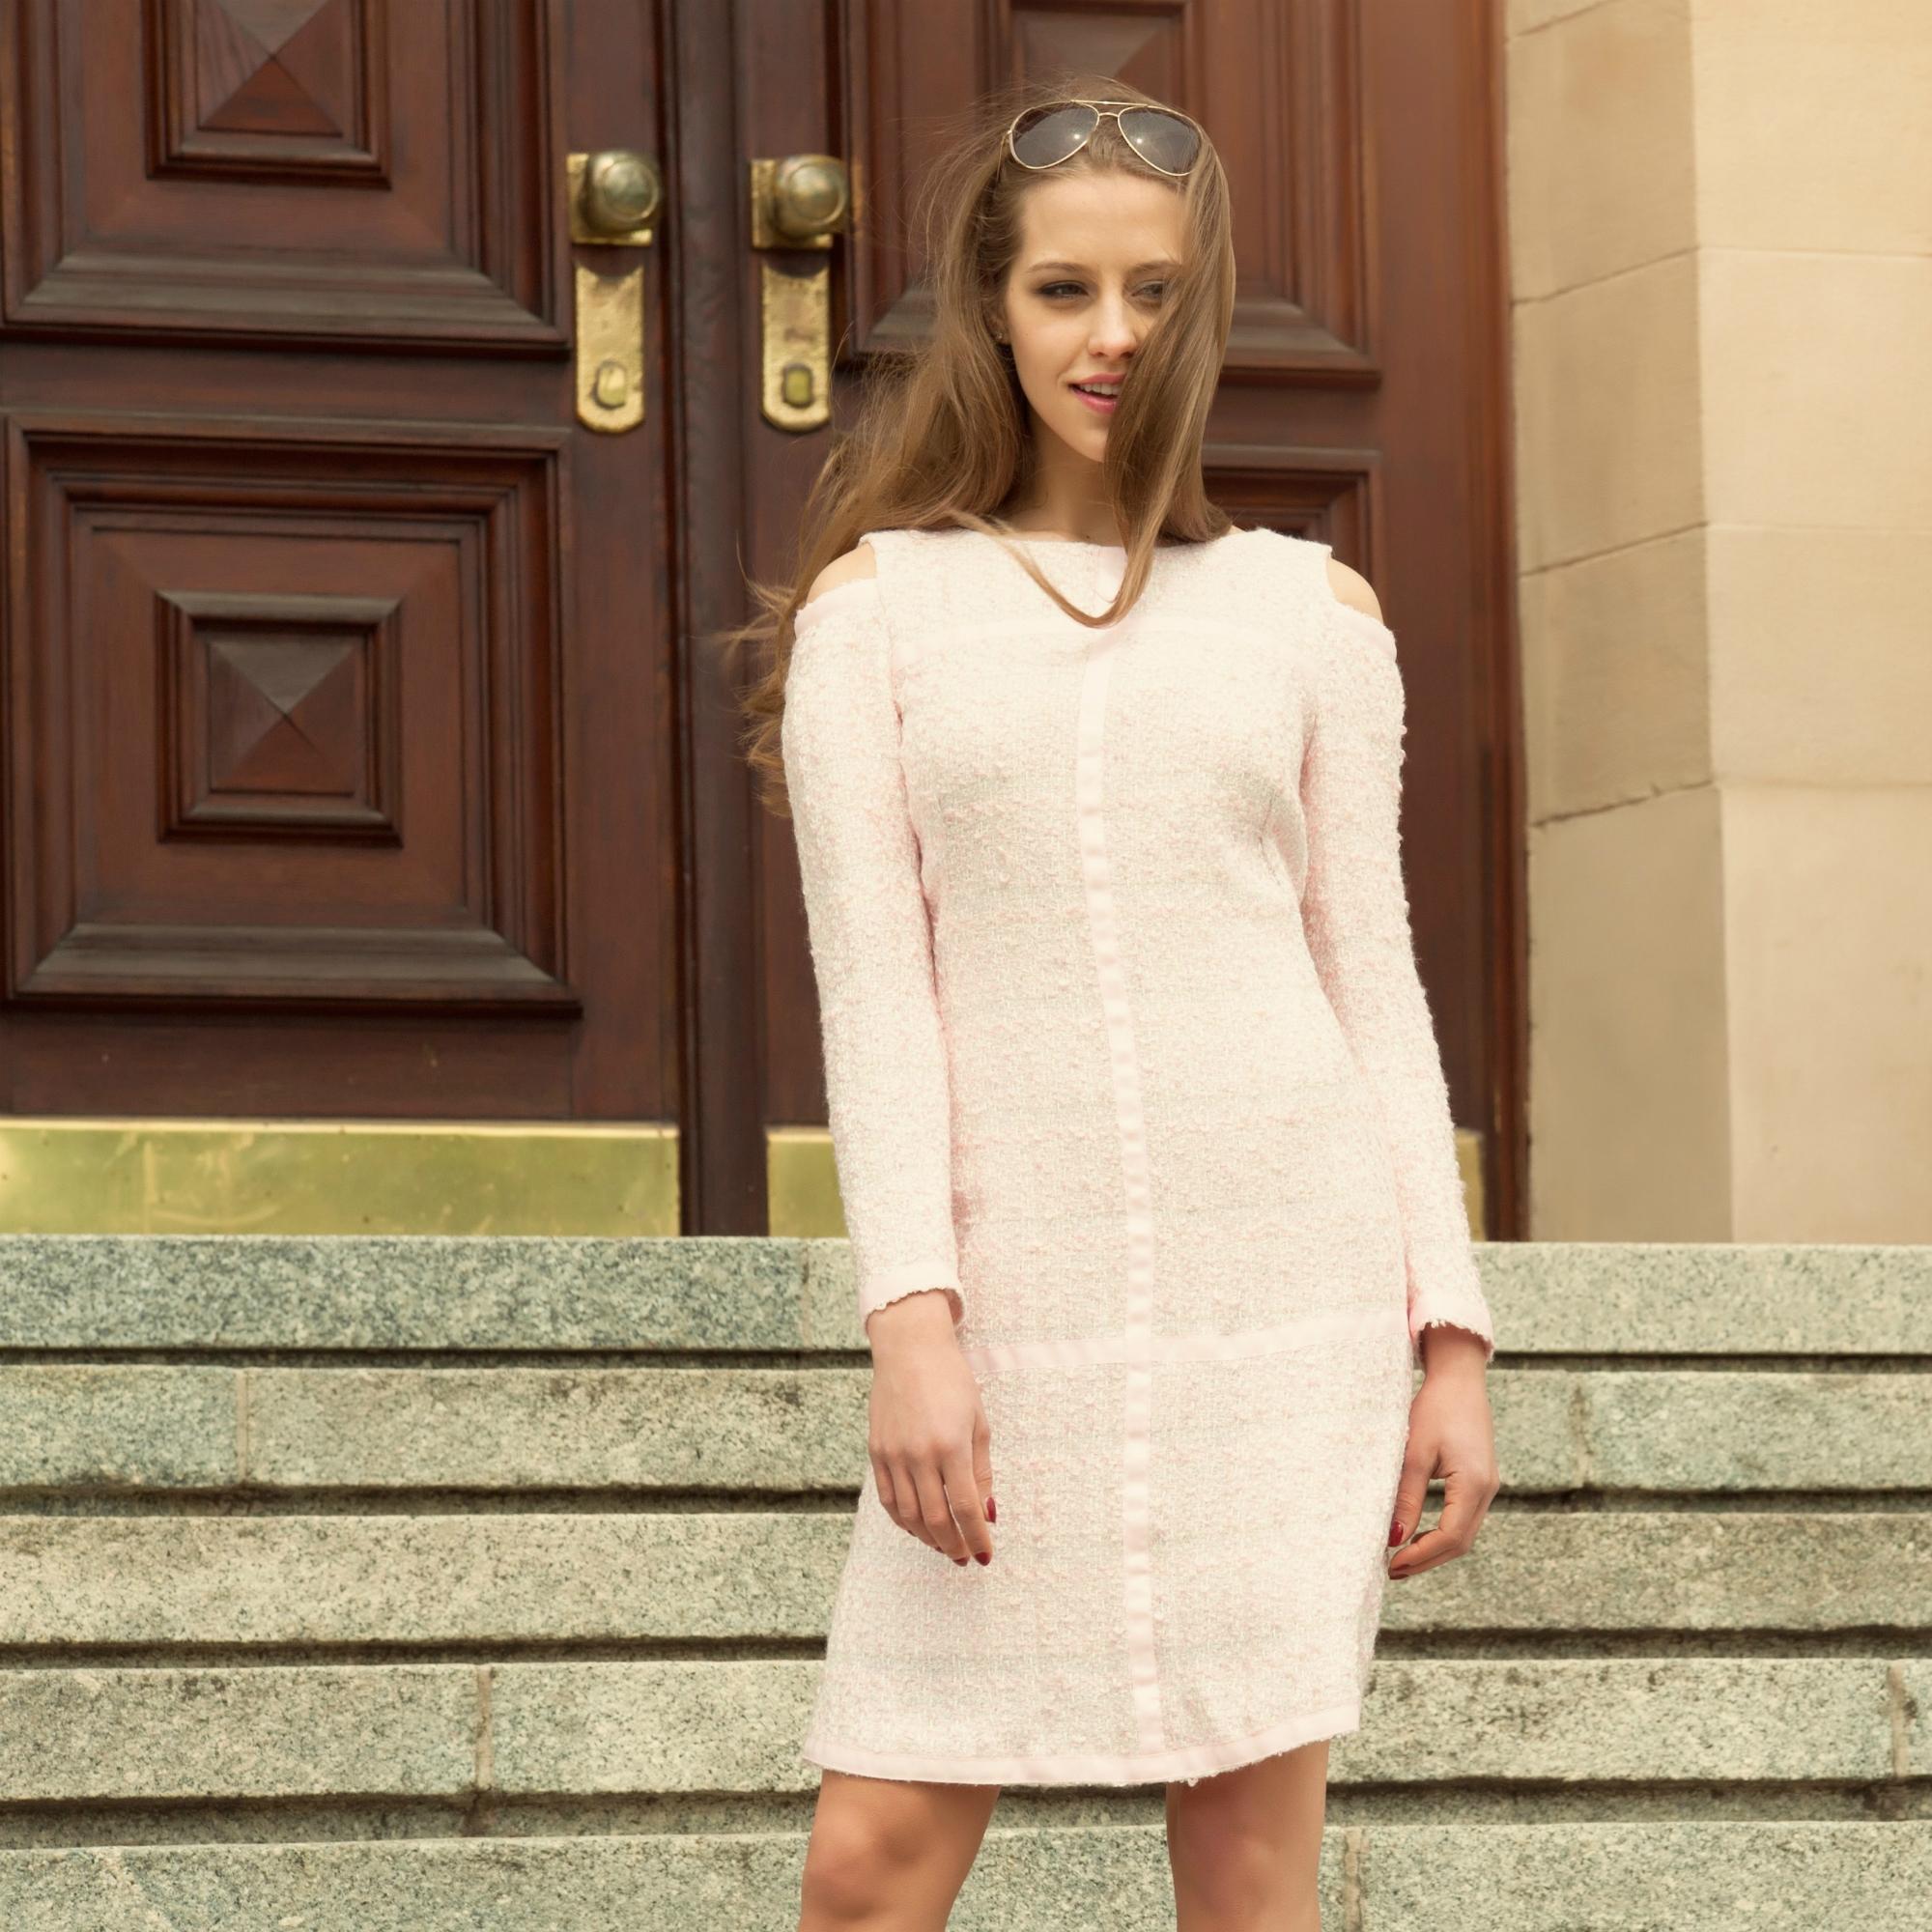 Dress Mini For Winter In Chanel Style Nebula Altaia